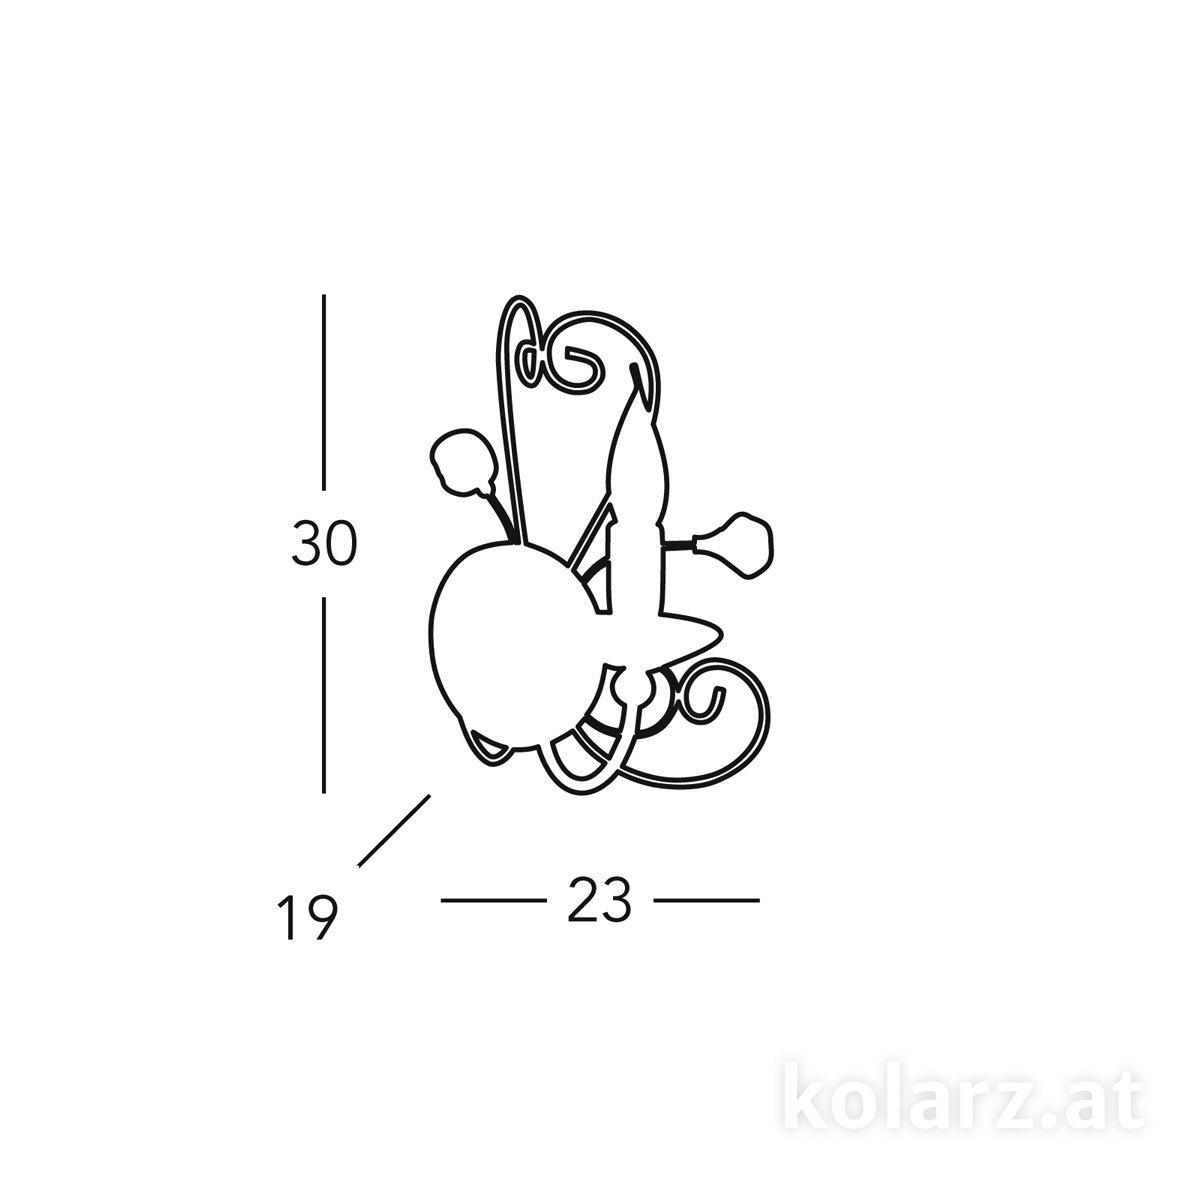 0235-61-YG-KoT-s1.jpg